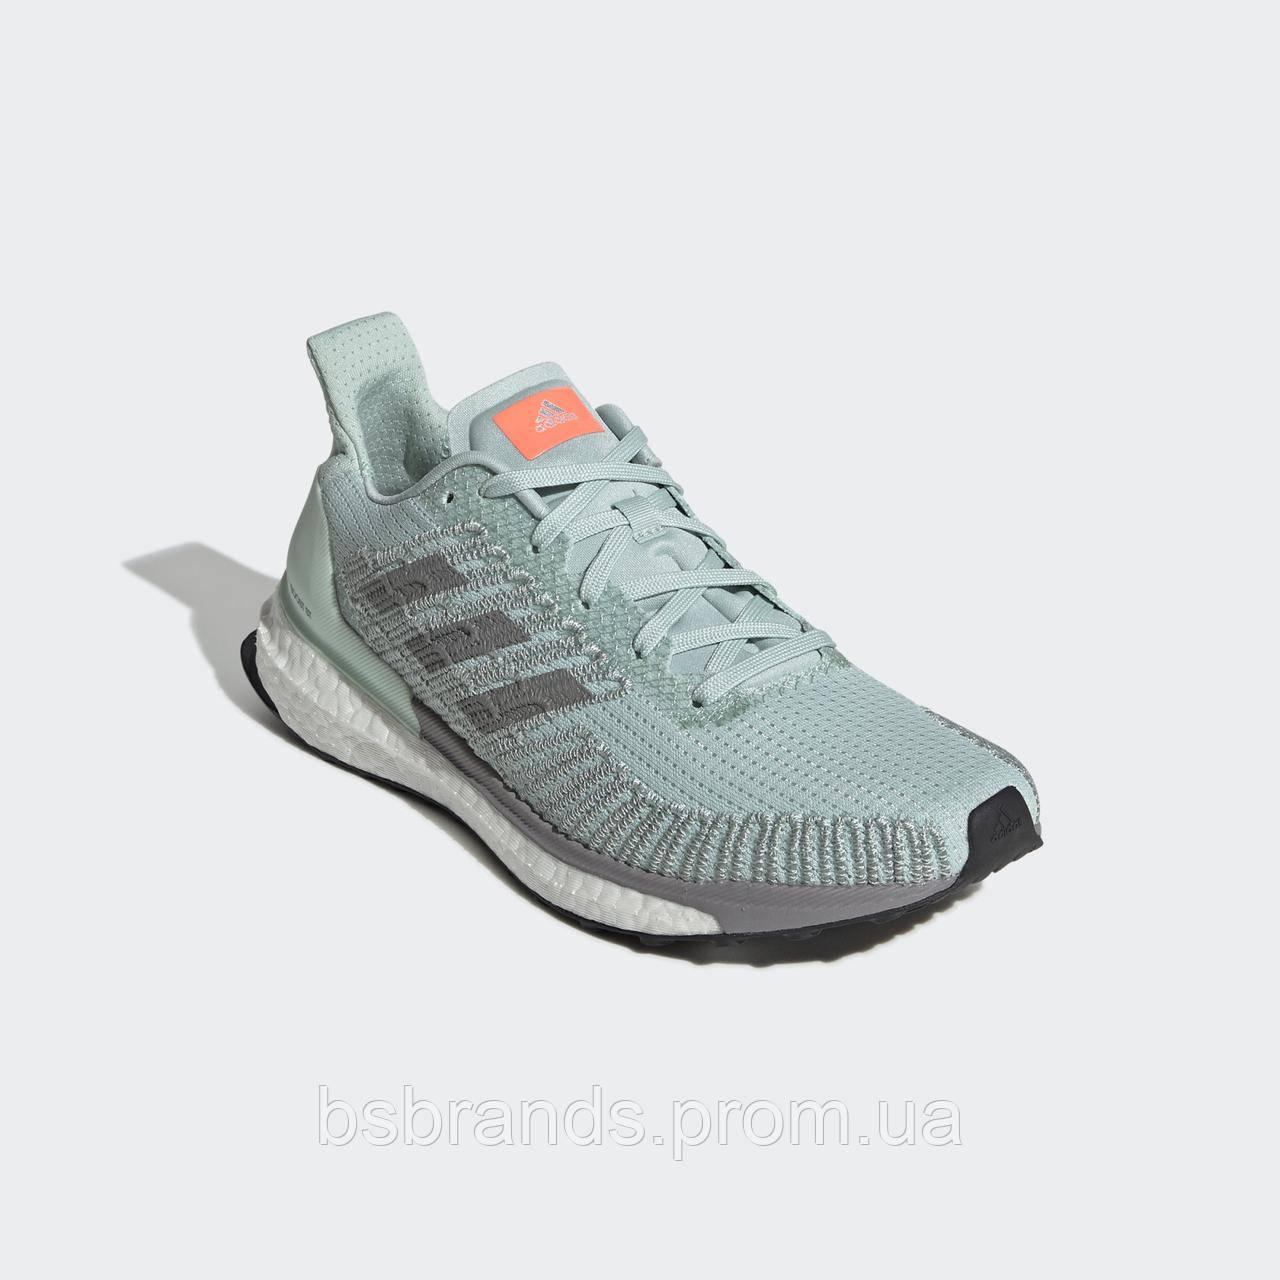 Женские кроссовки adidas для бега SolarBoost ST 19 EG2357 (2020/1)